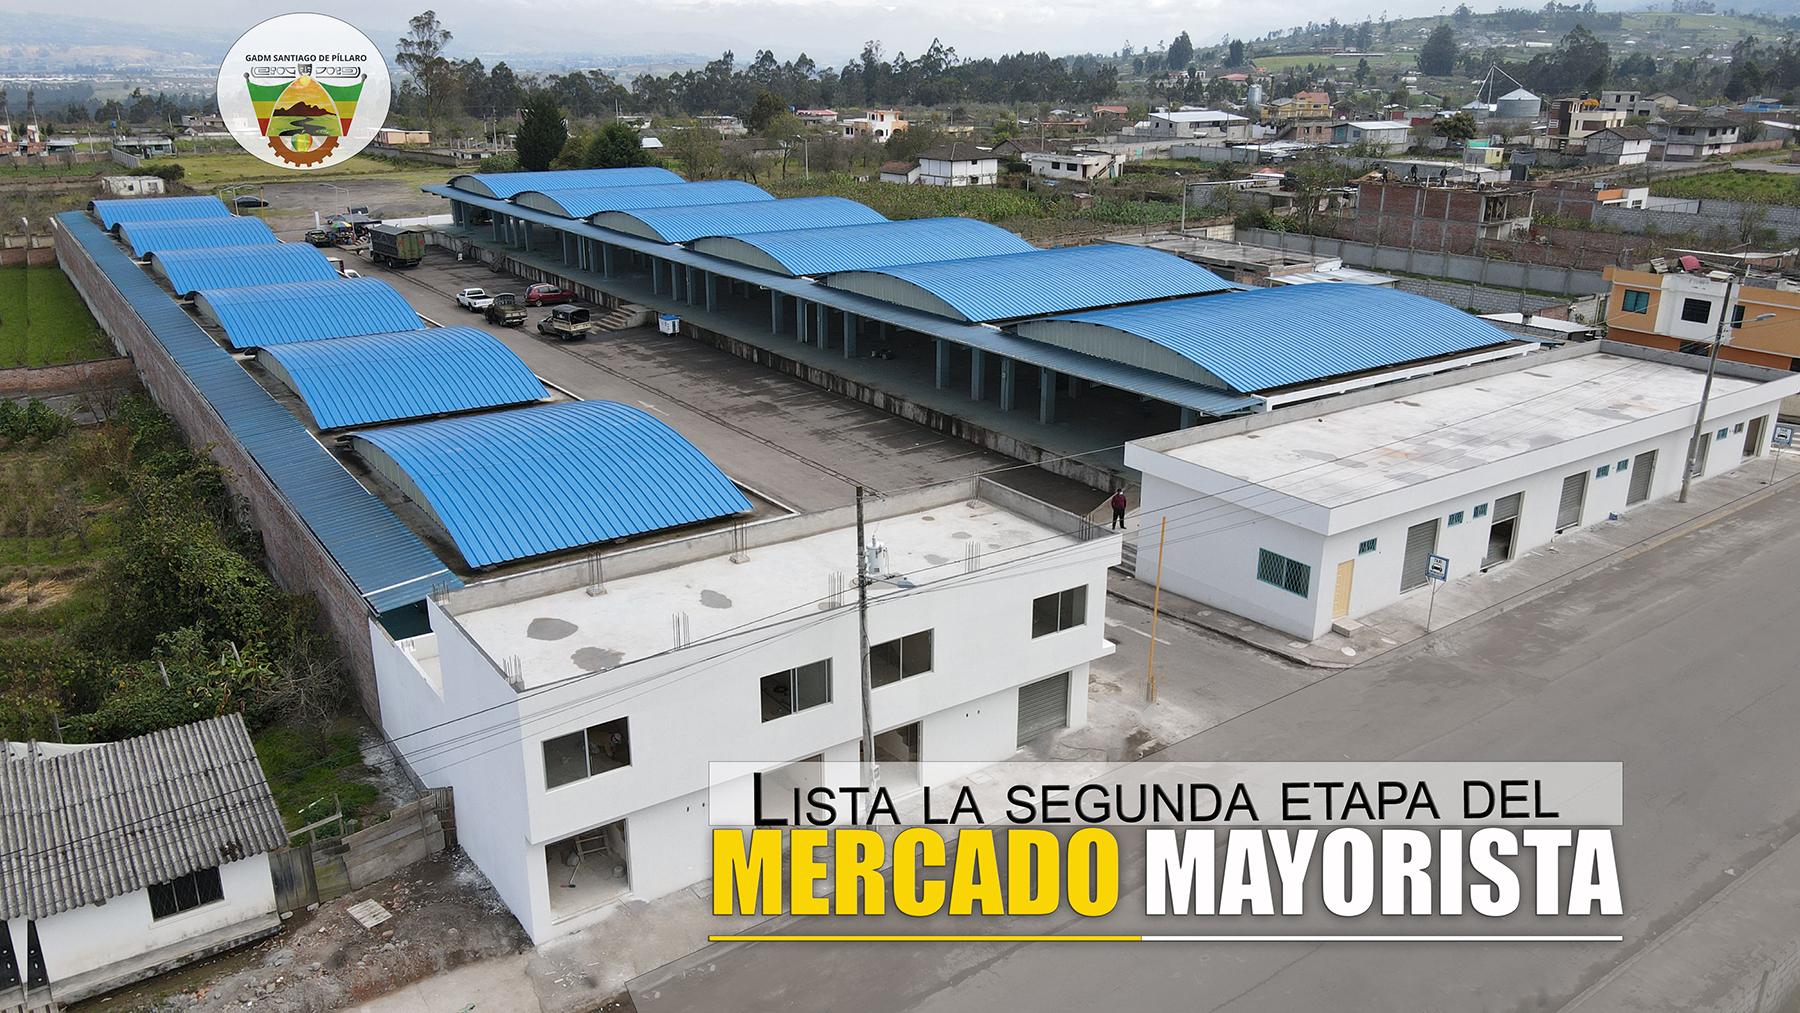 LA CONSTRUCCIÓN DE LA SEGUNDA ETAPA DEL MERCADO MAYORISTA FINALIZARÁ EN POCOS DÍAS